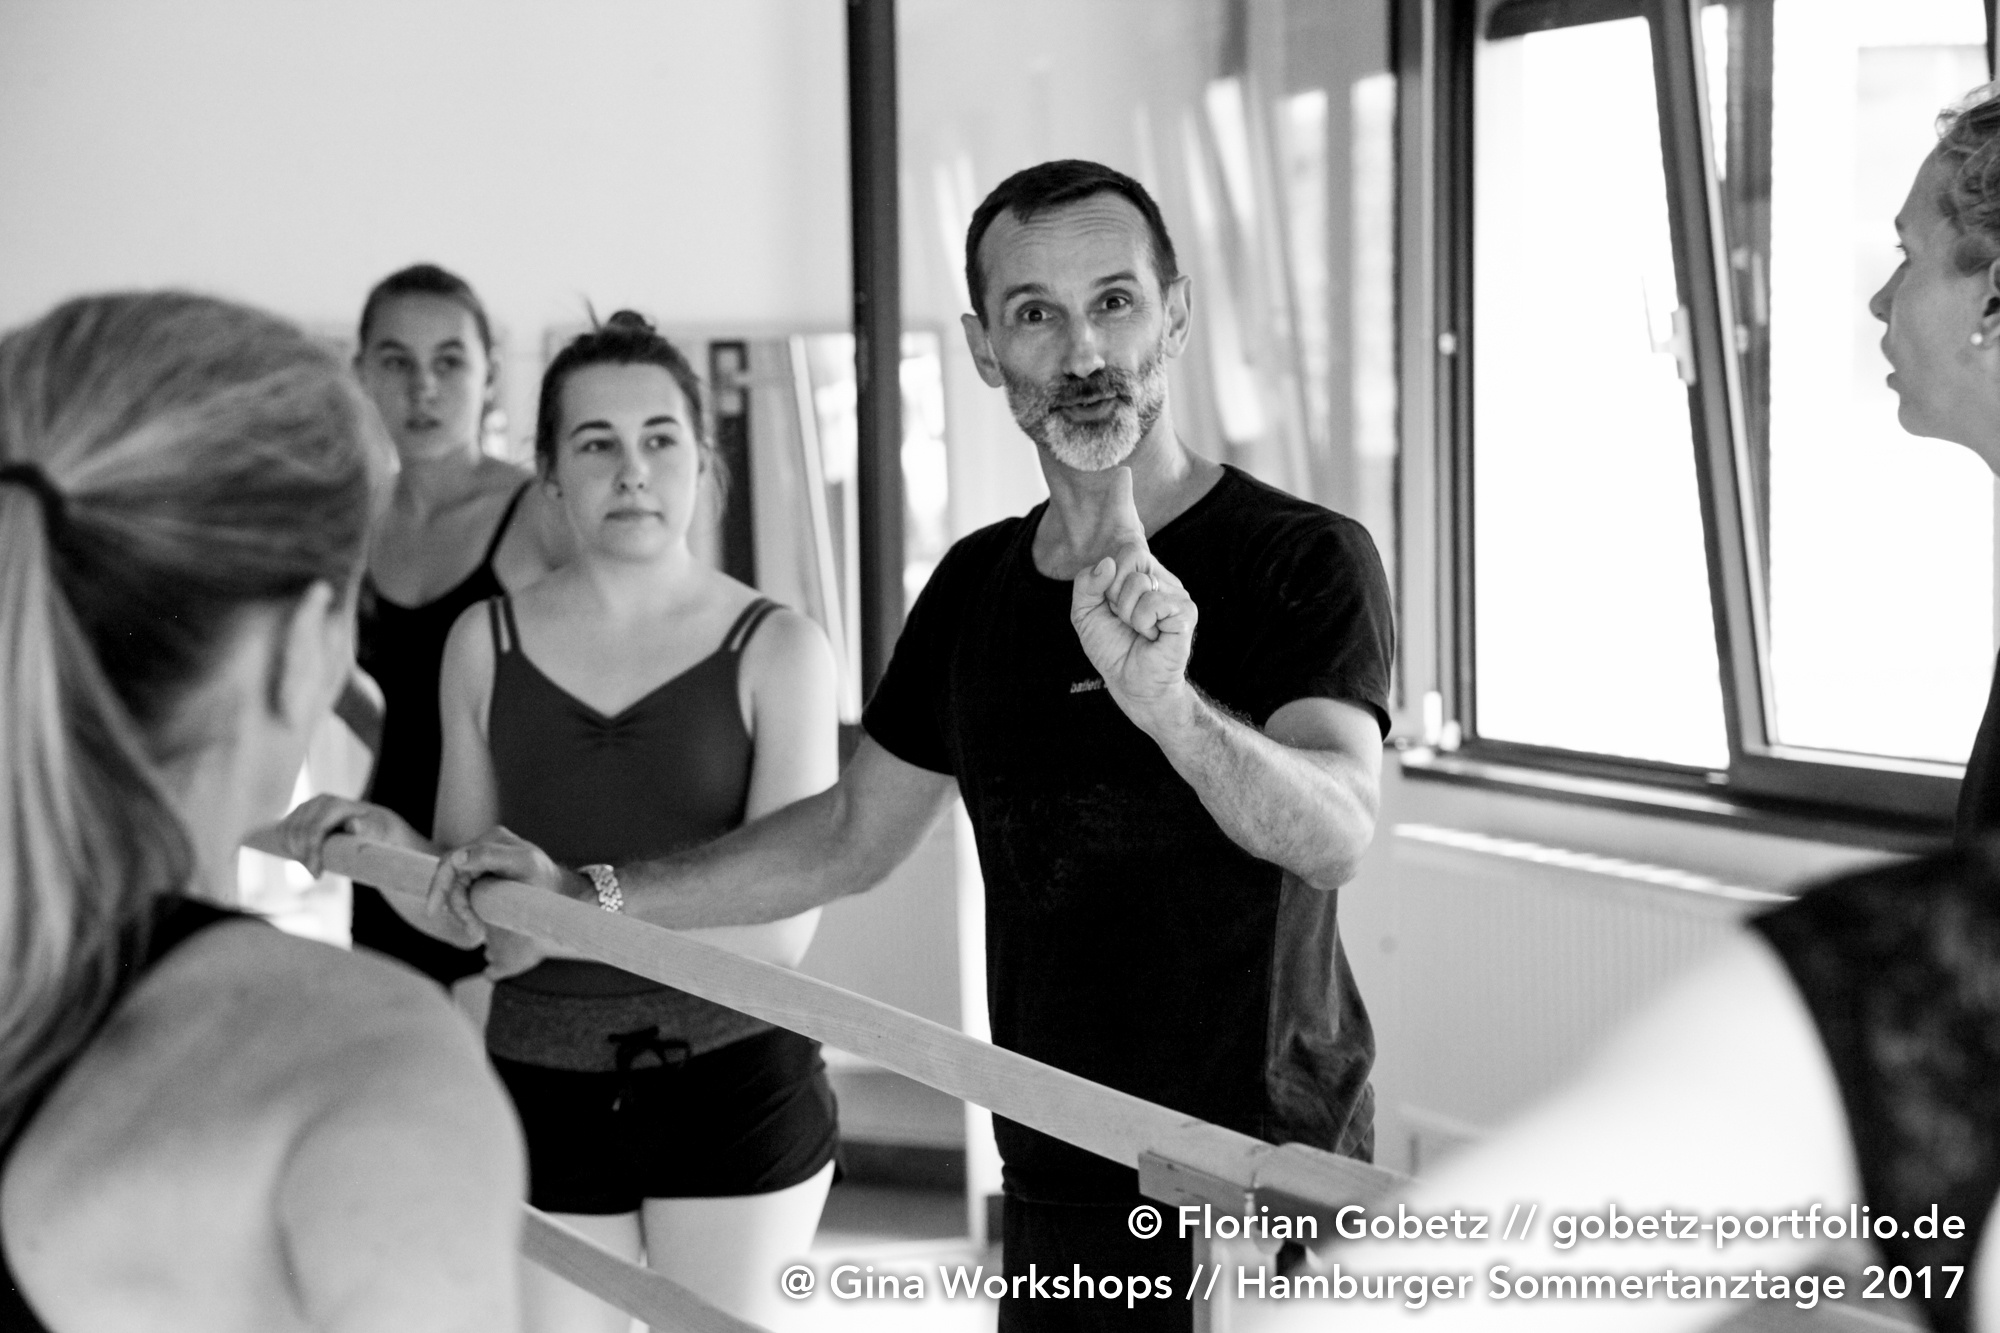 Balletpädagogik - Weiterbildung nach Waganova (Anatomie)